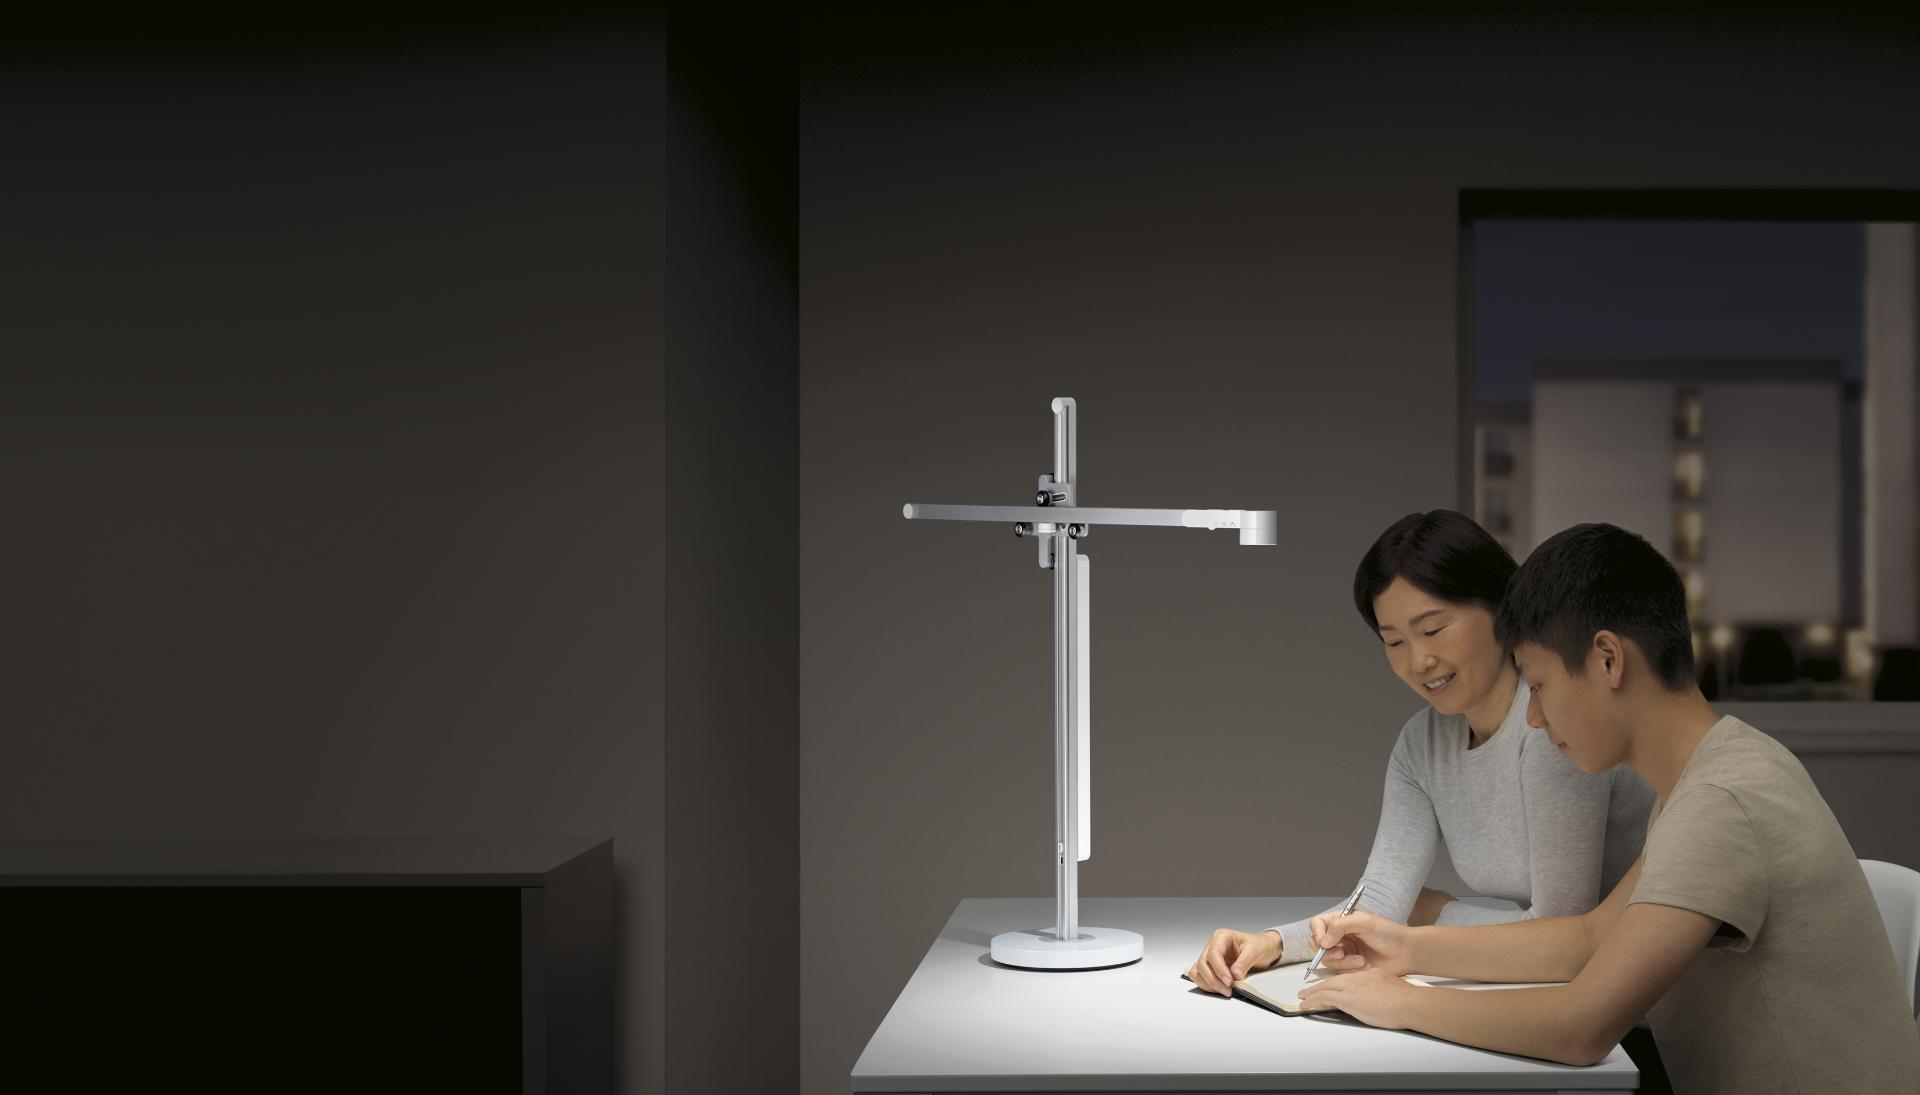 Un adolescente estudia con su mamá con una potente lámpara de escritorio